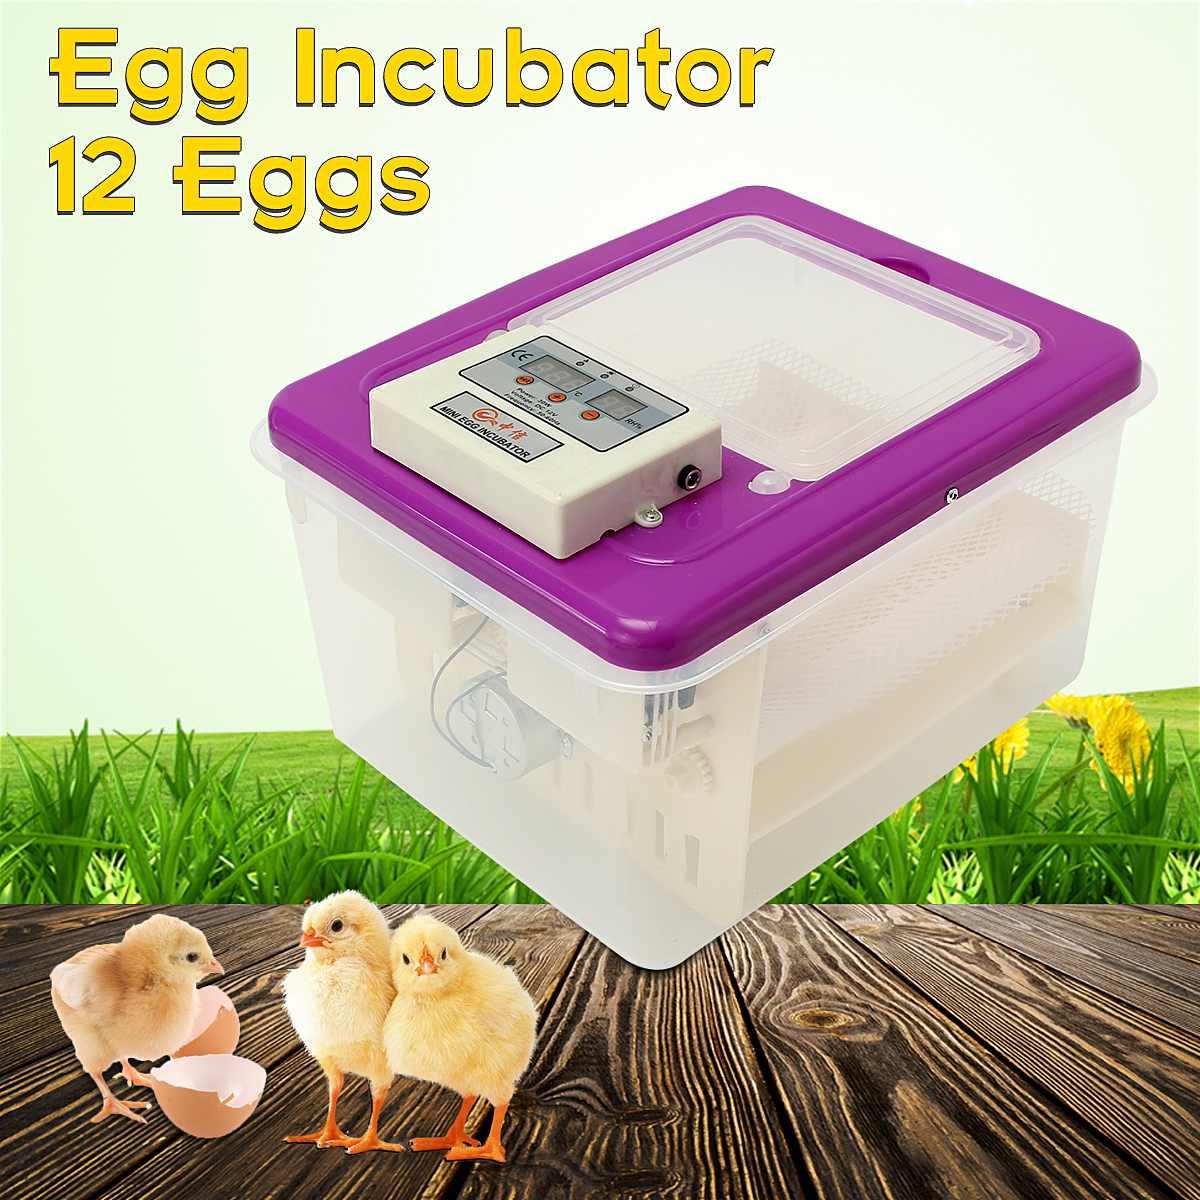 220v 30w ovos incubadora chocadeira codorna incubadora de aves incubadora incubadora incubadora incubadora de aves domésticas ferramentas de incubação agrícola automática